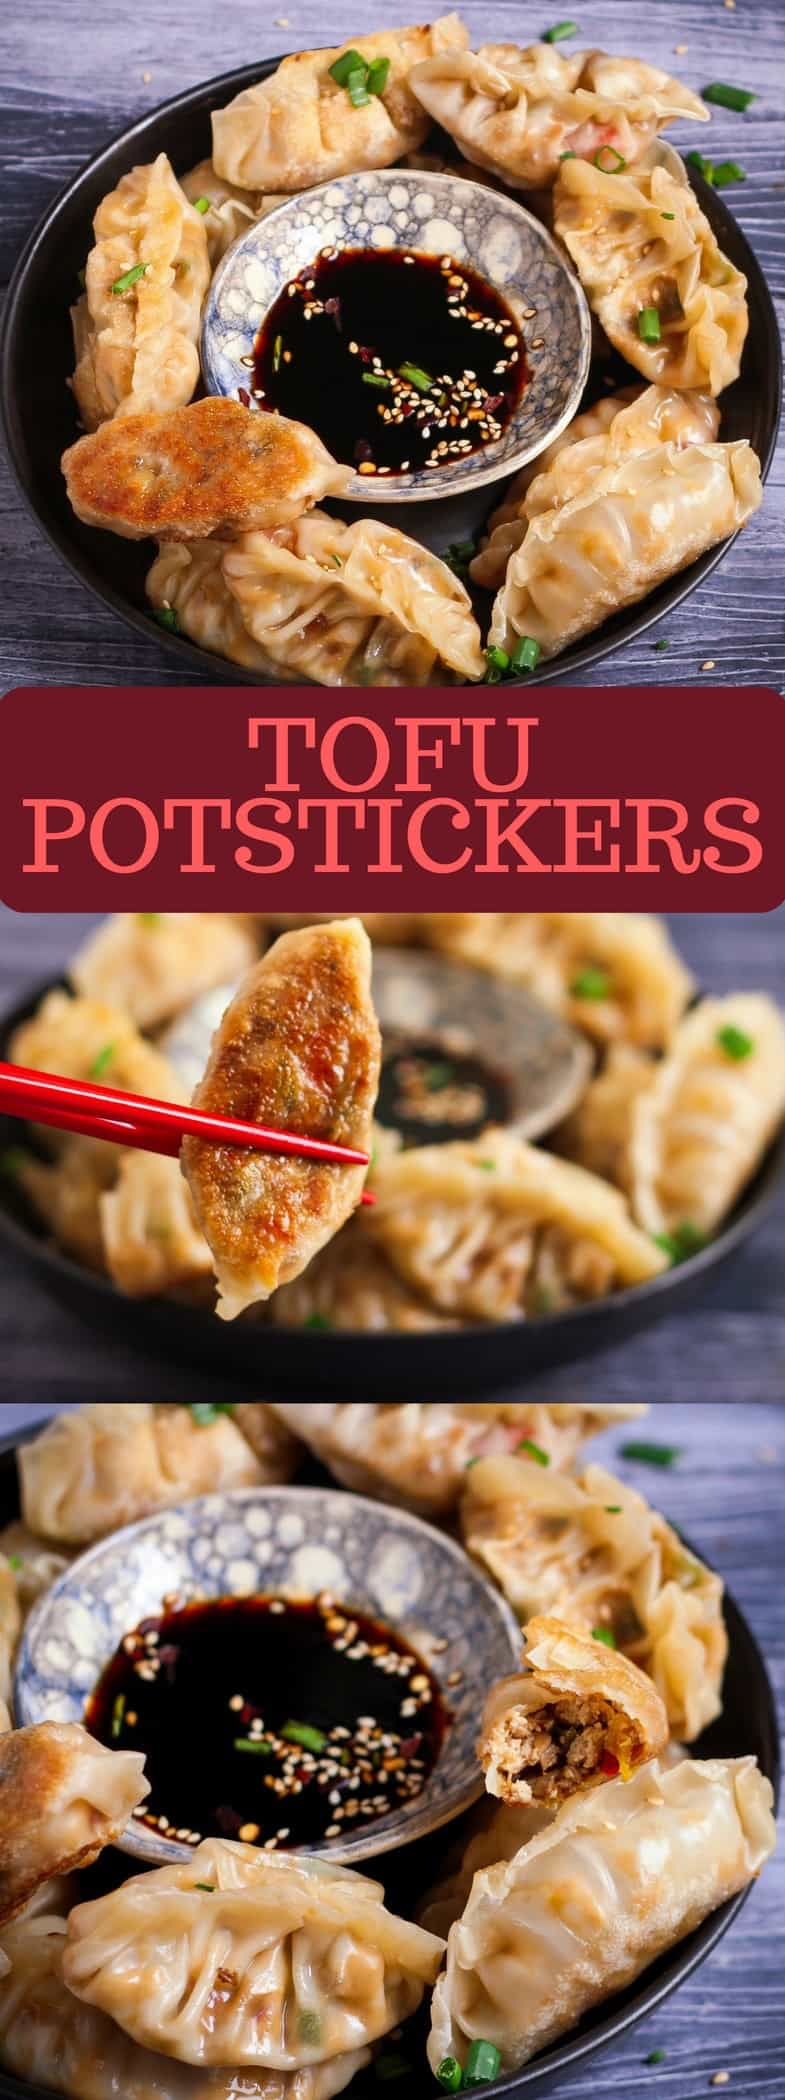 Tofu Potstickers | easy recipe